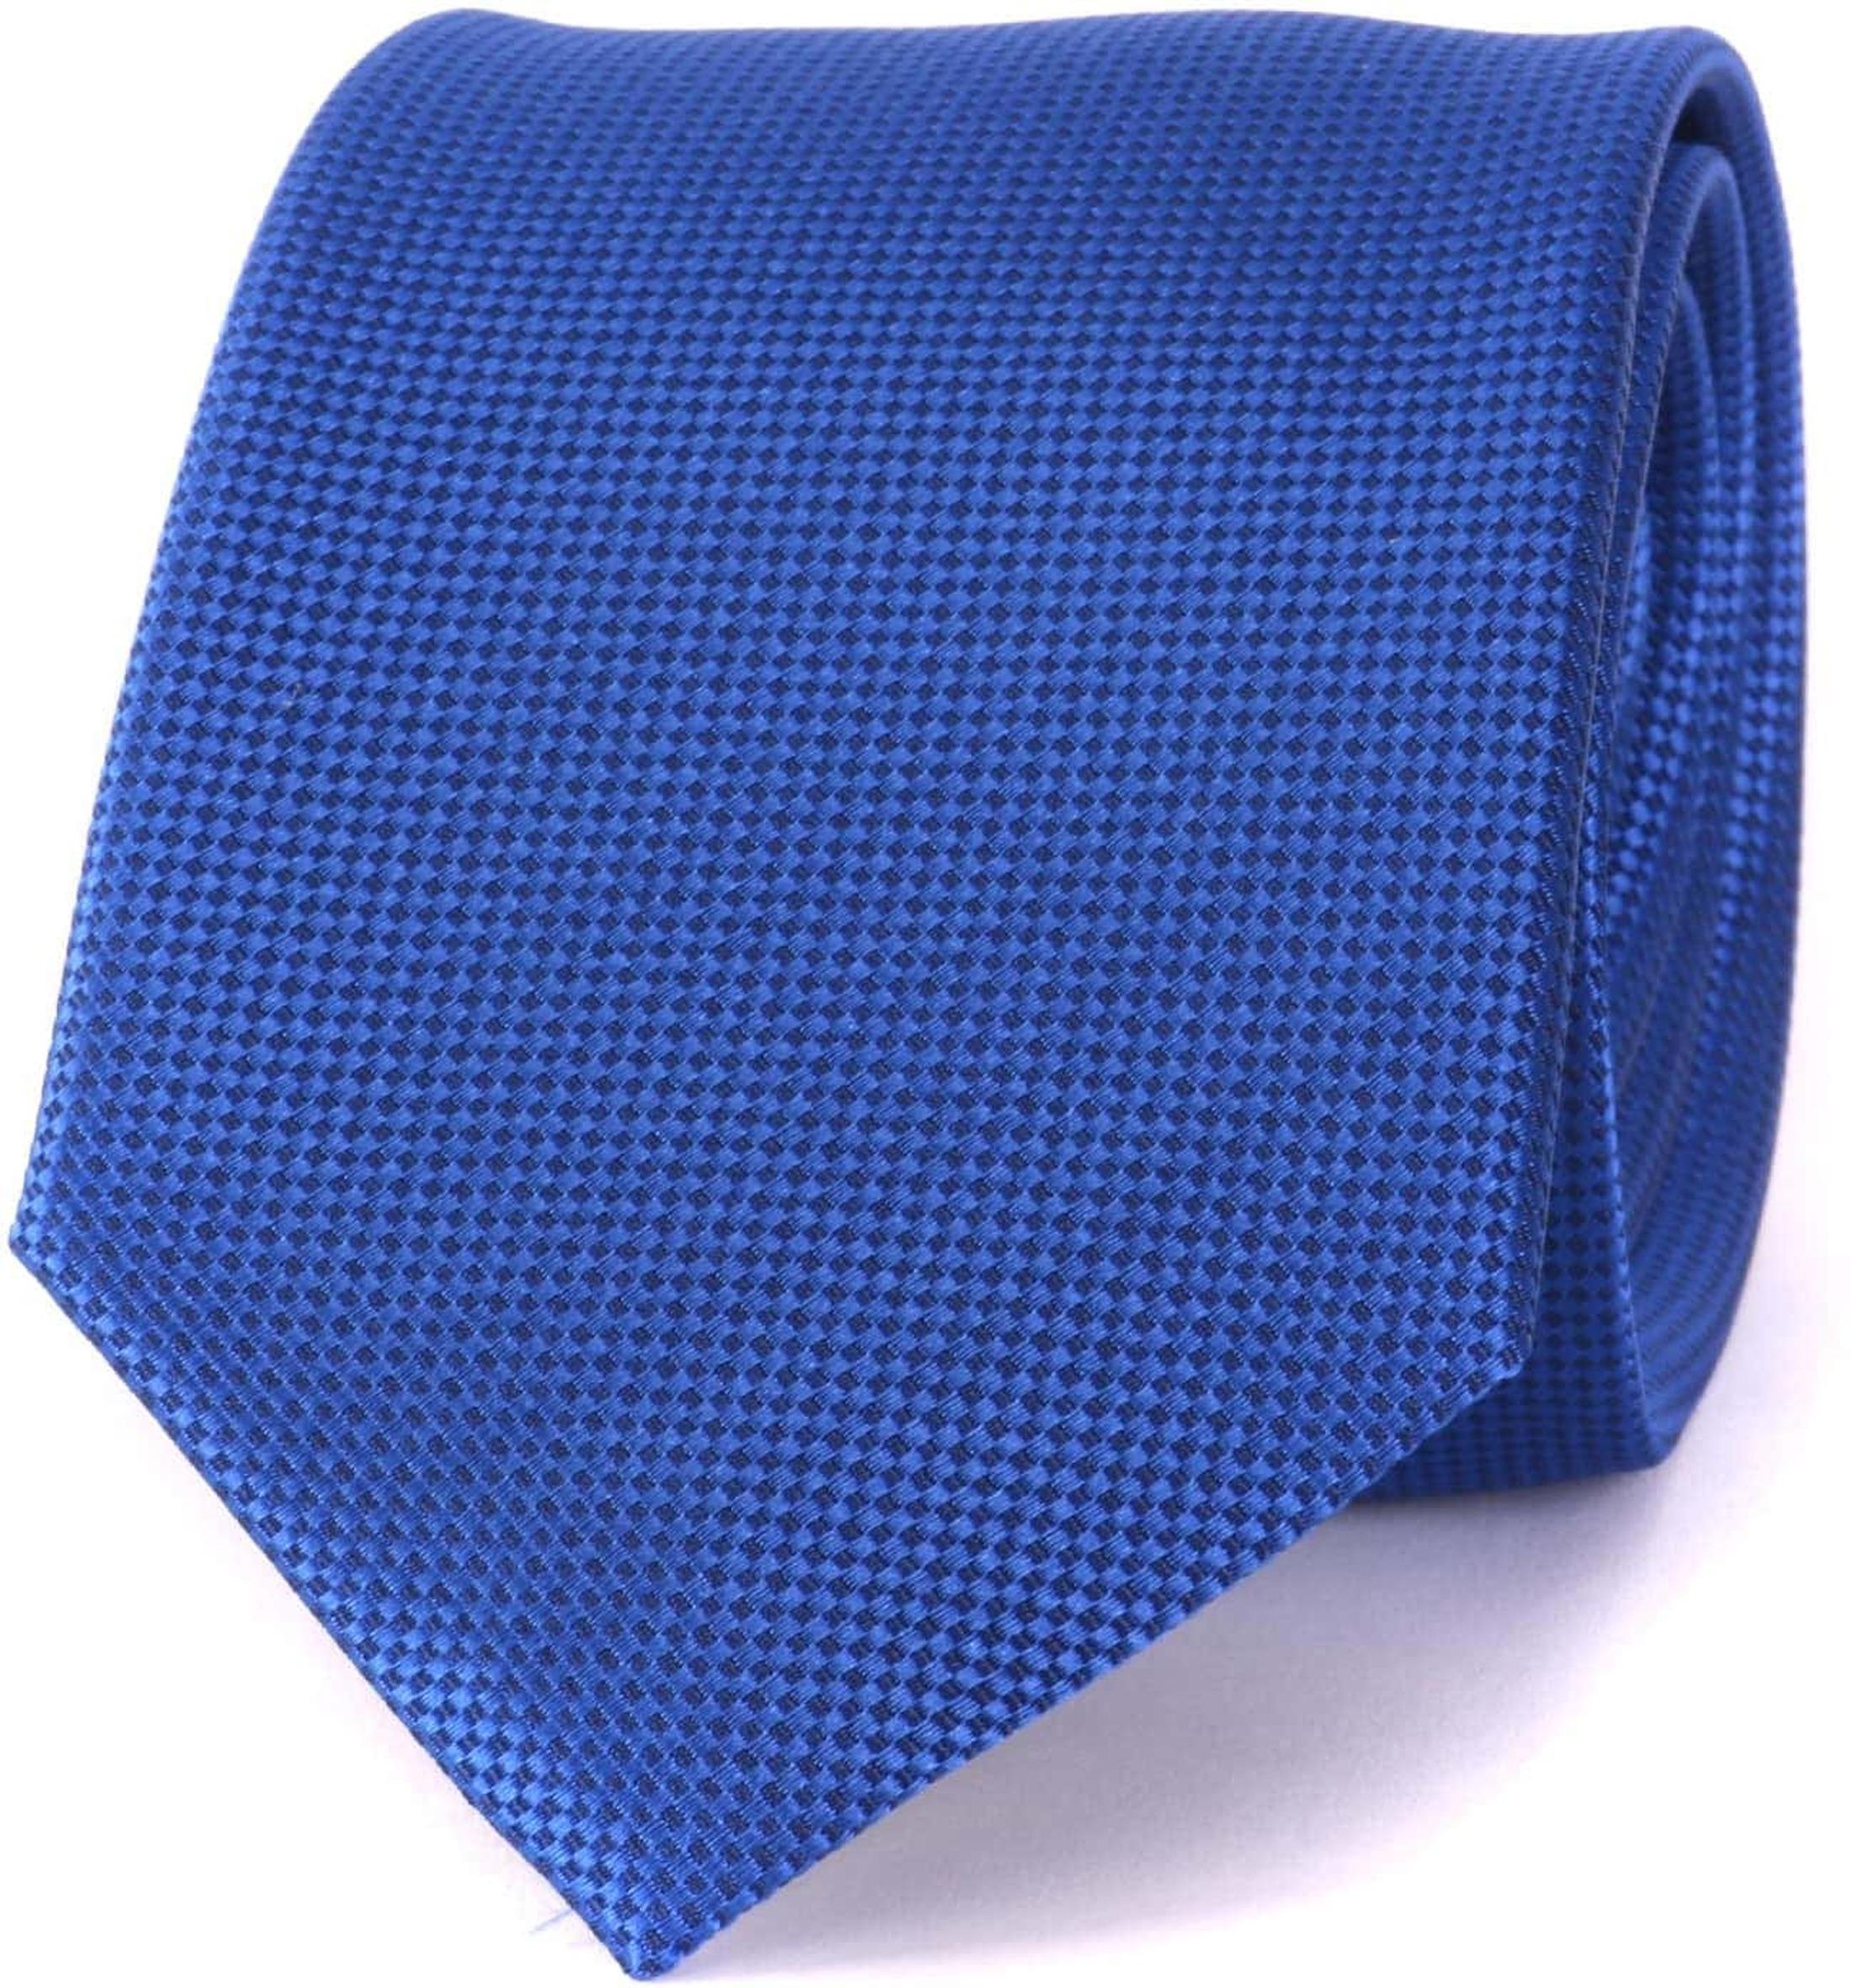 Kolbalt Blau Krawatte 14a